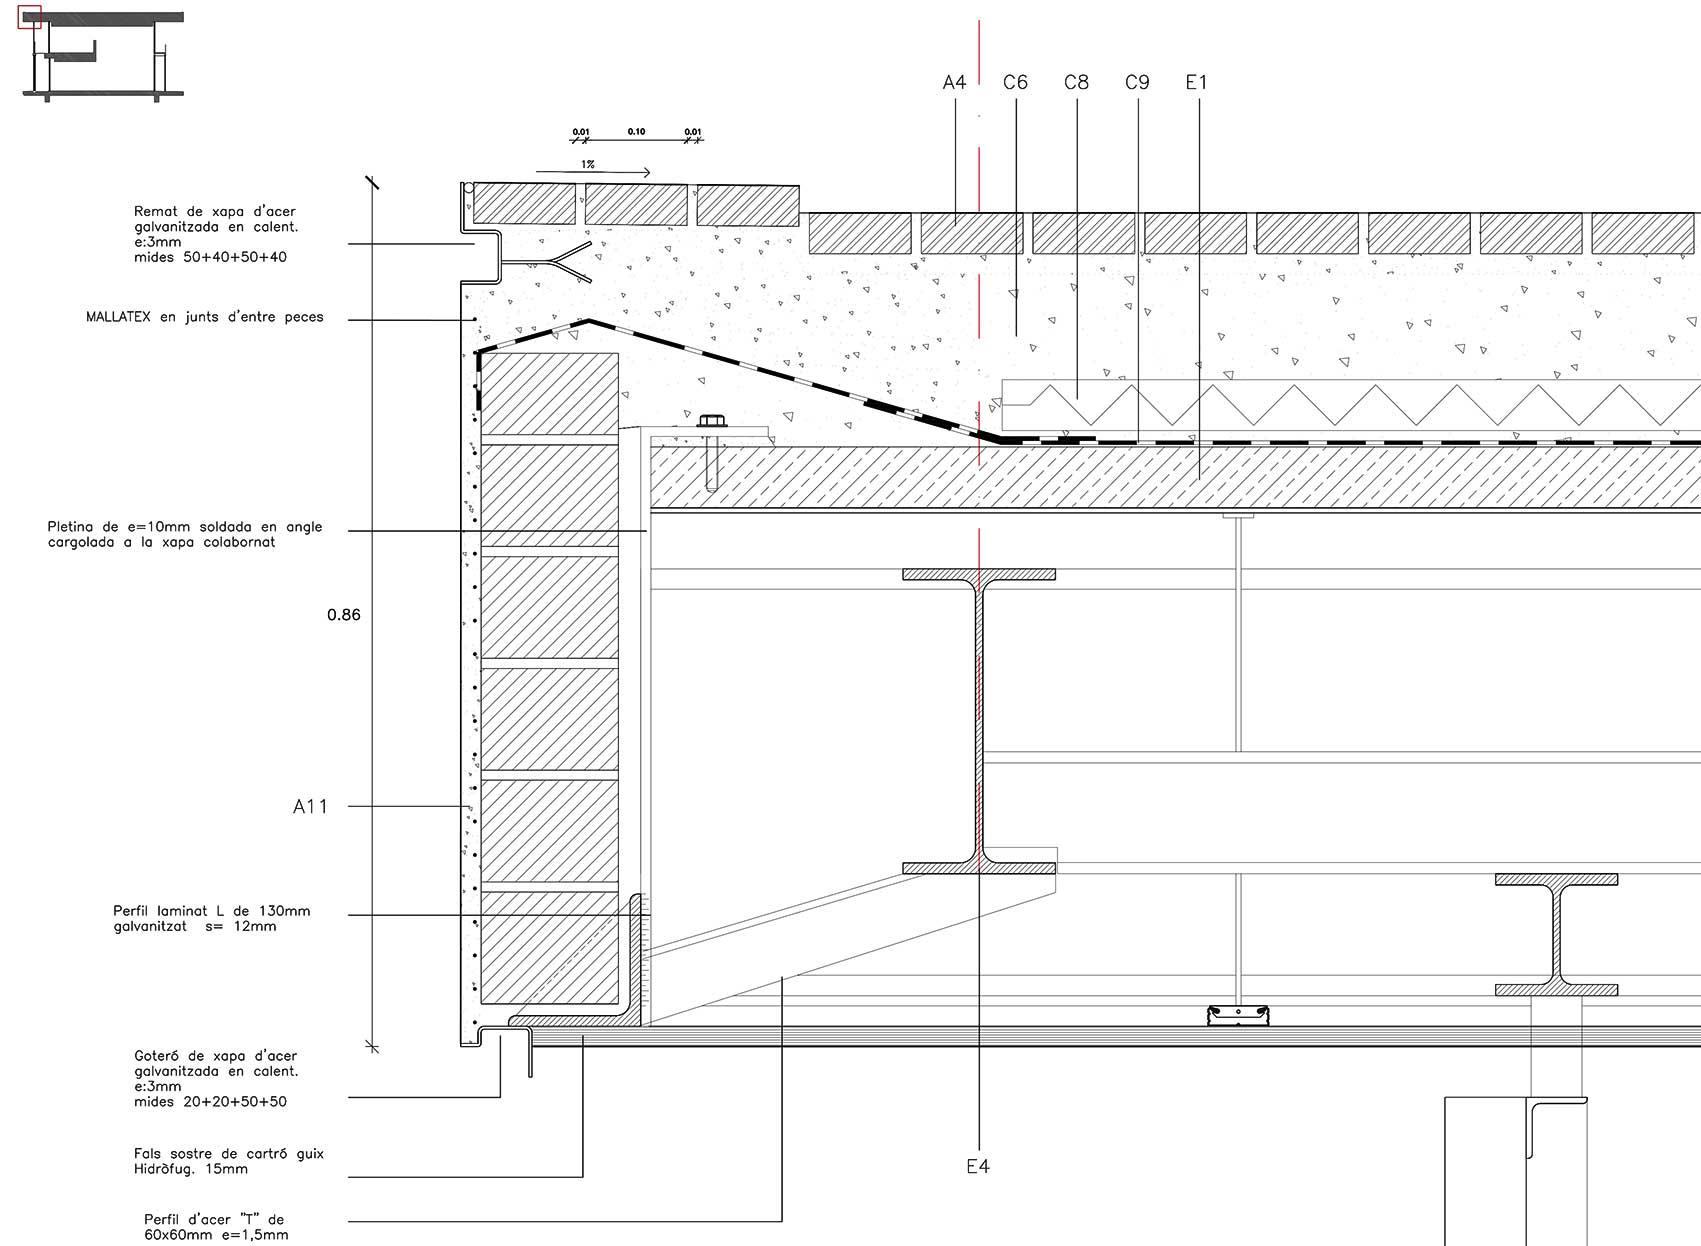 Cubierta cer mica ceramic roof bcq arquitectura - Muebles de chapa metalica ...